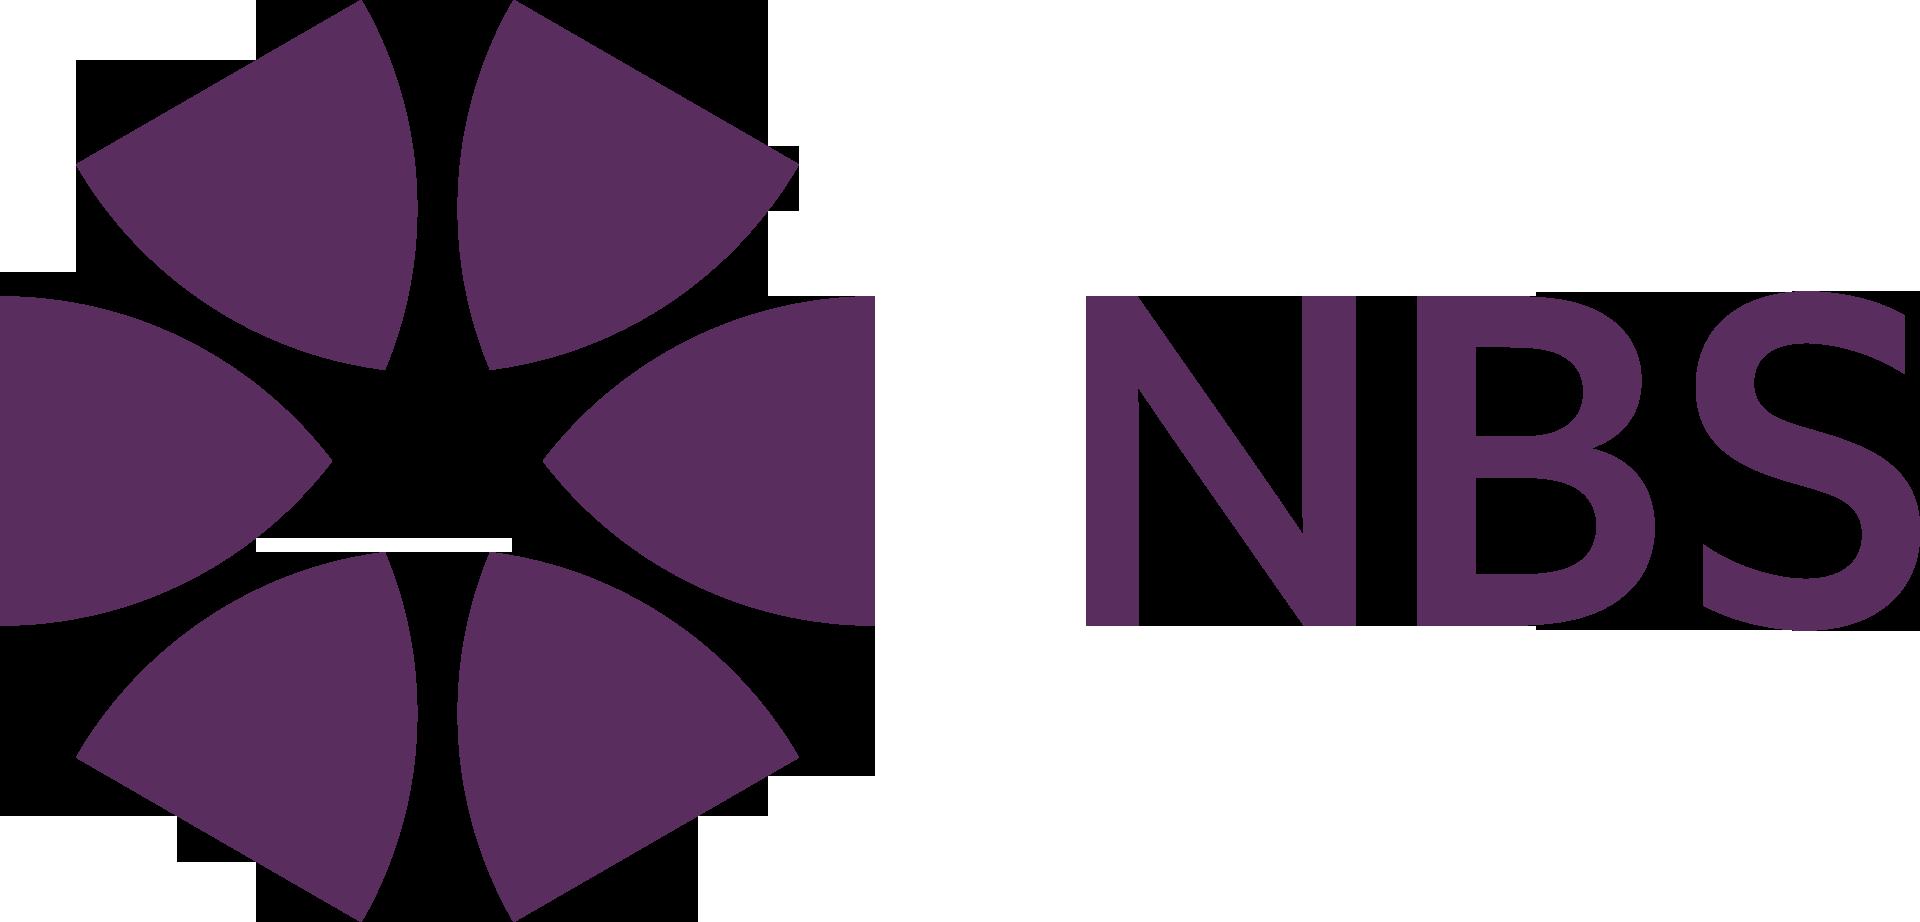 The NBS